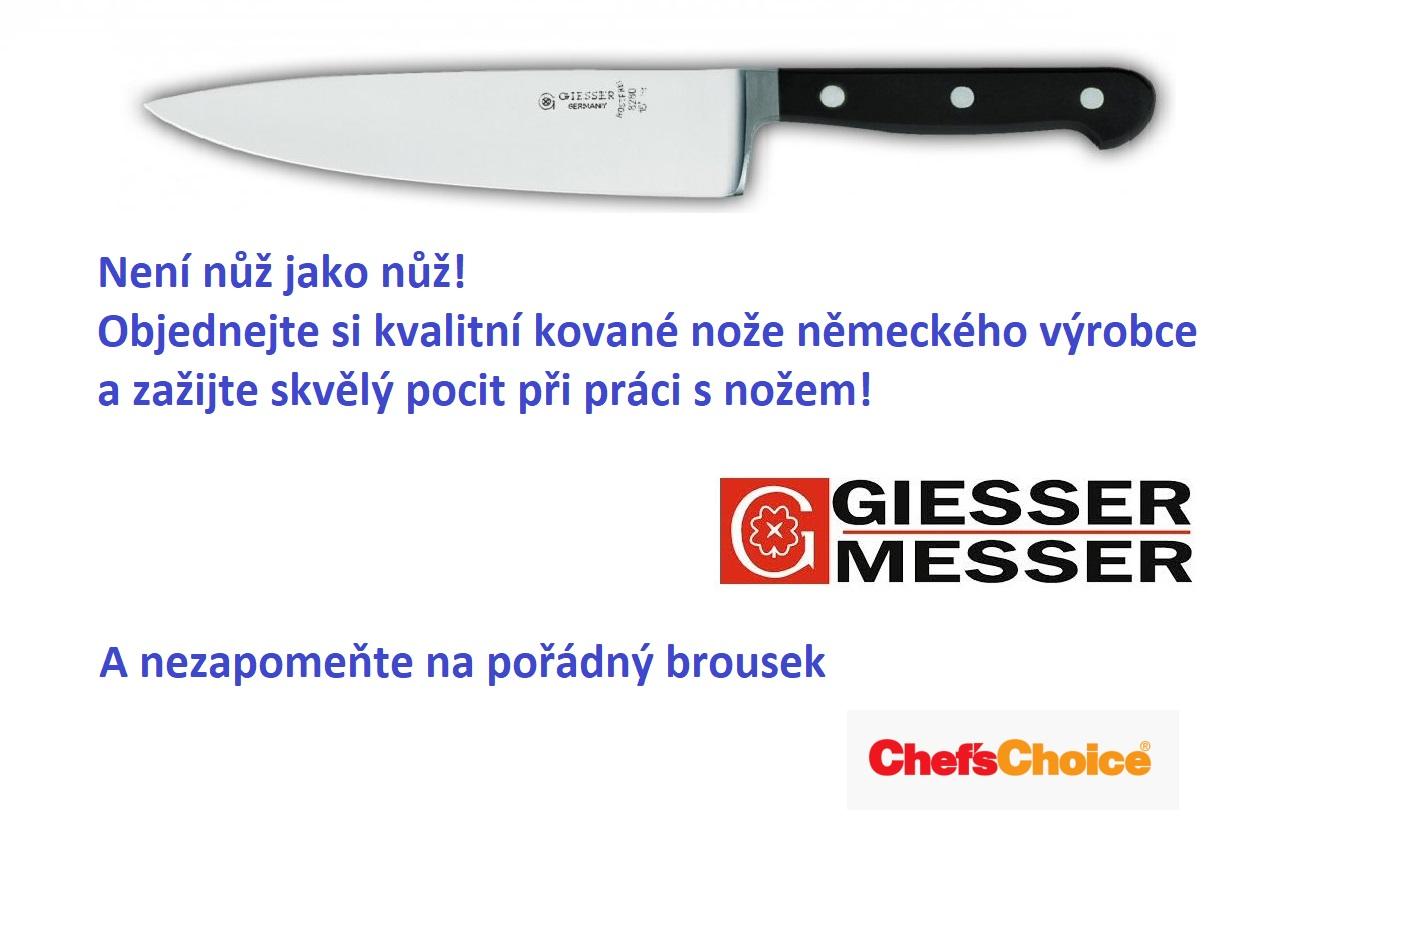 velkoobchodgastro.cz